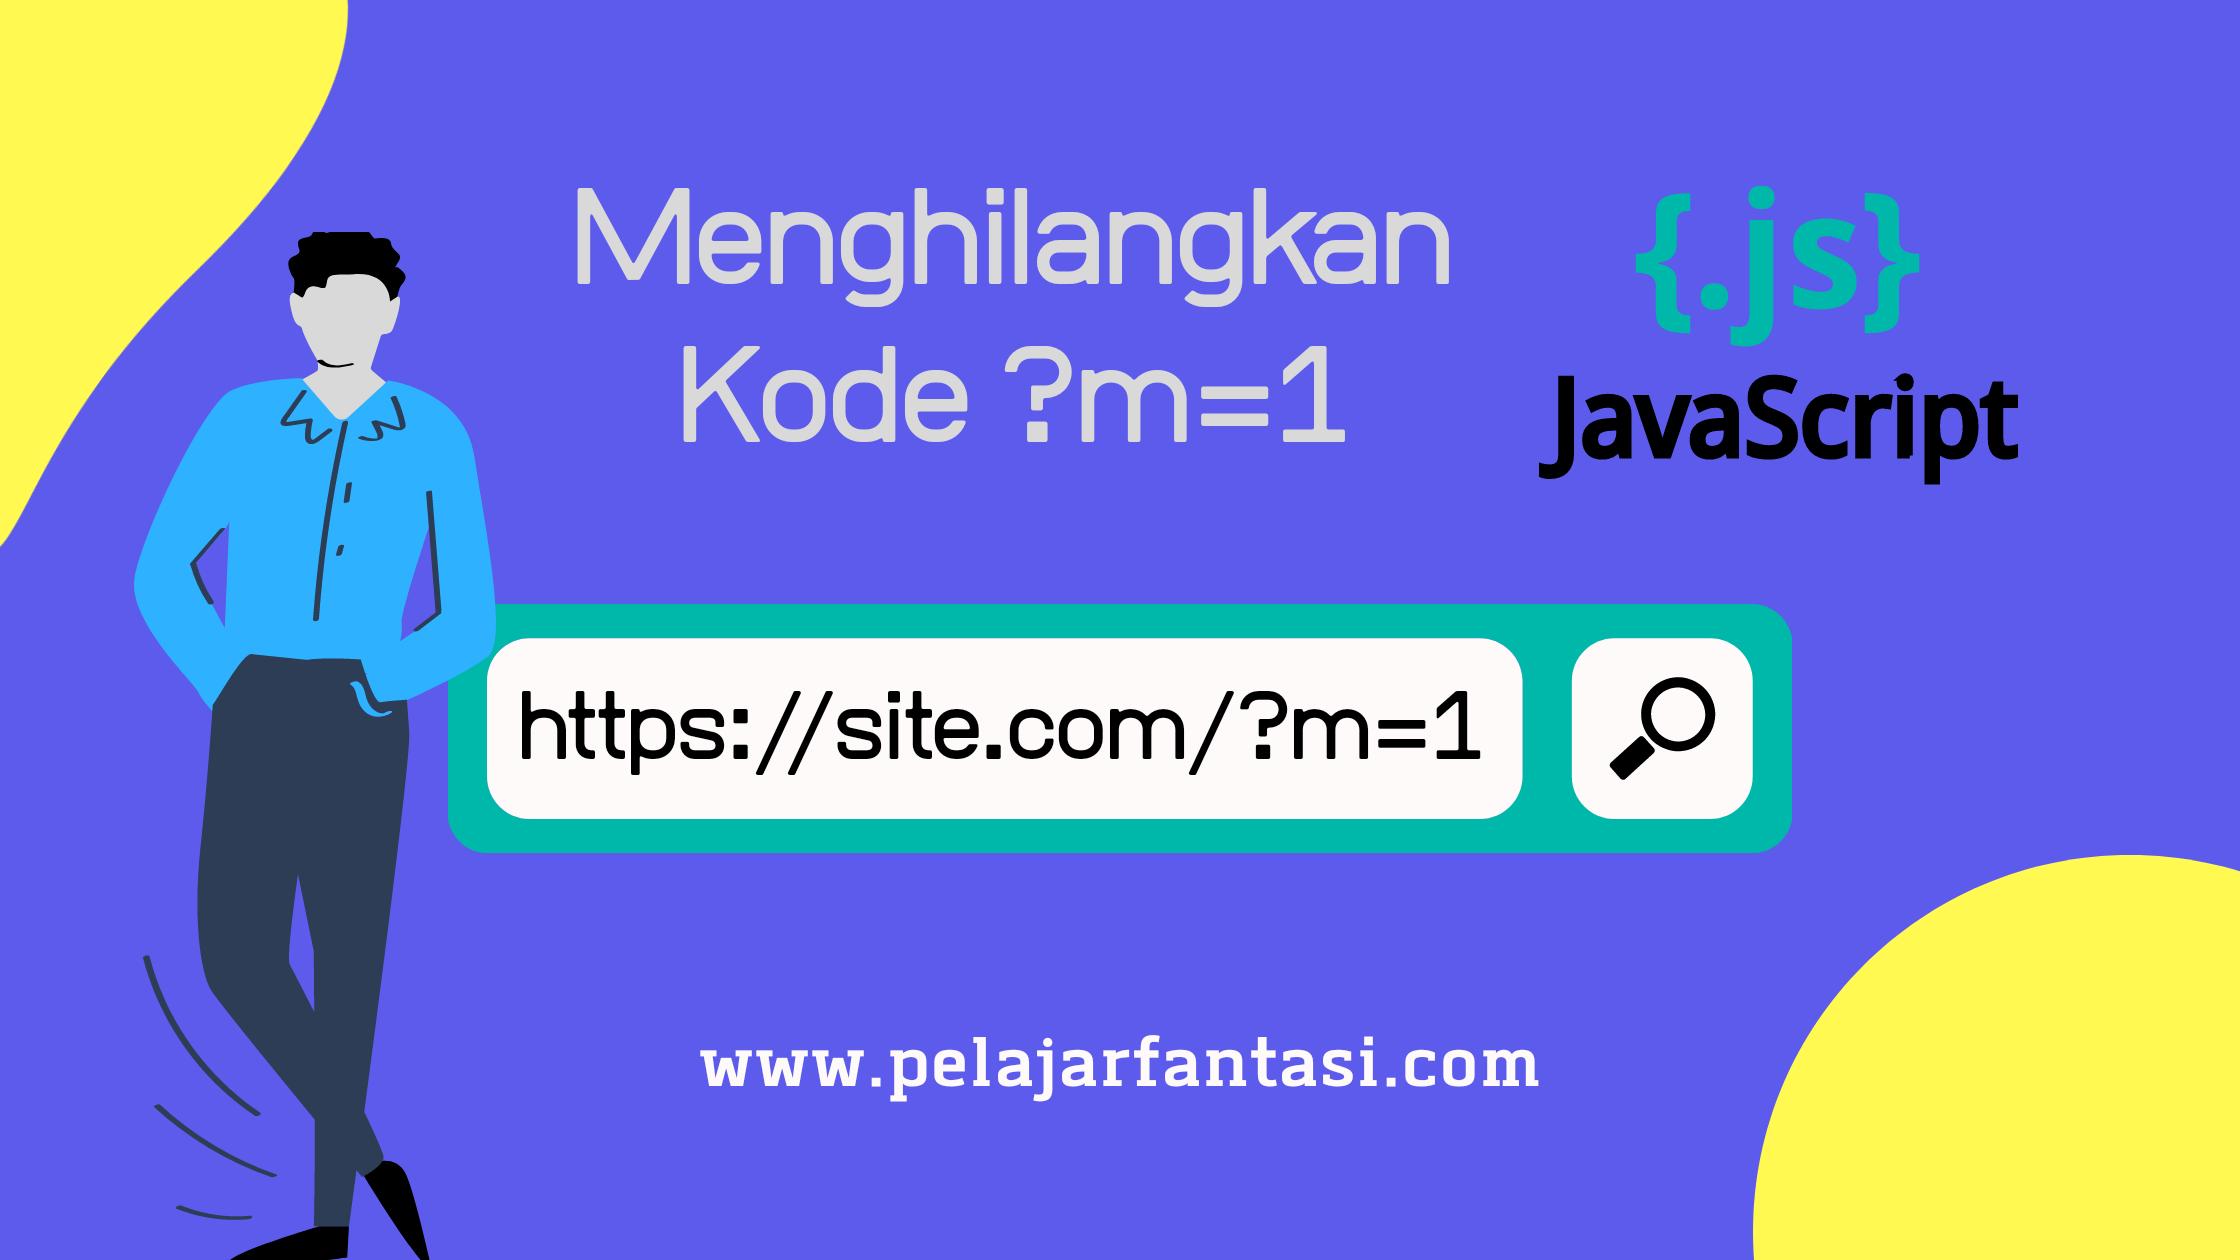 Cara Hilangkan Kode m=1 atau m=0 di URL Blogger